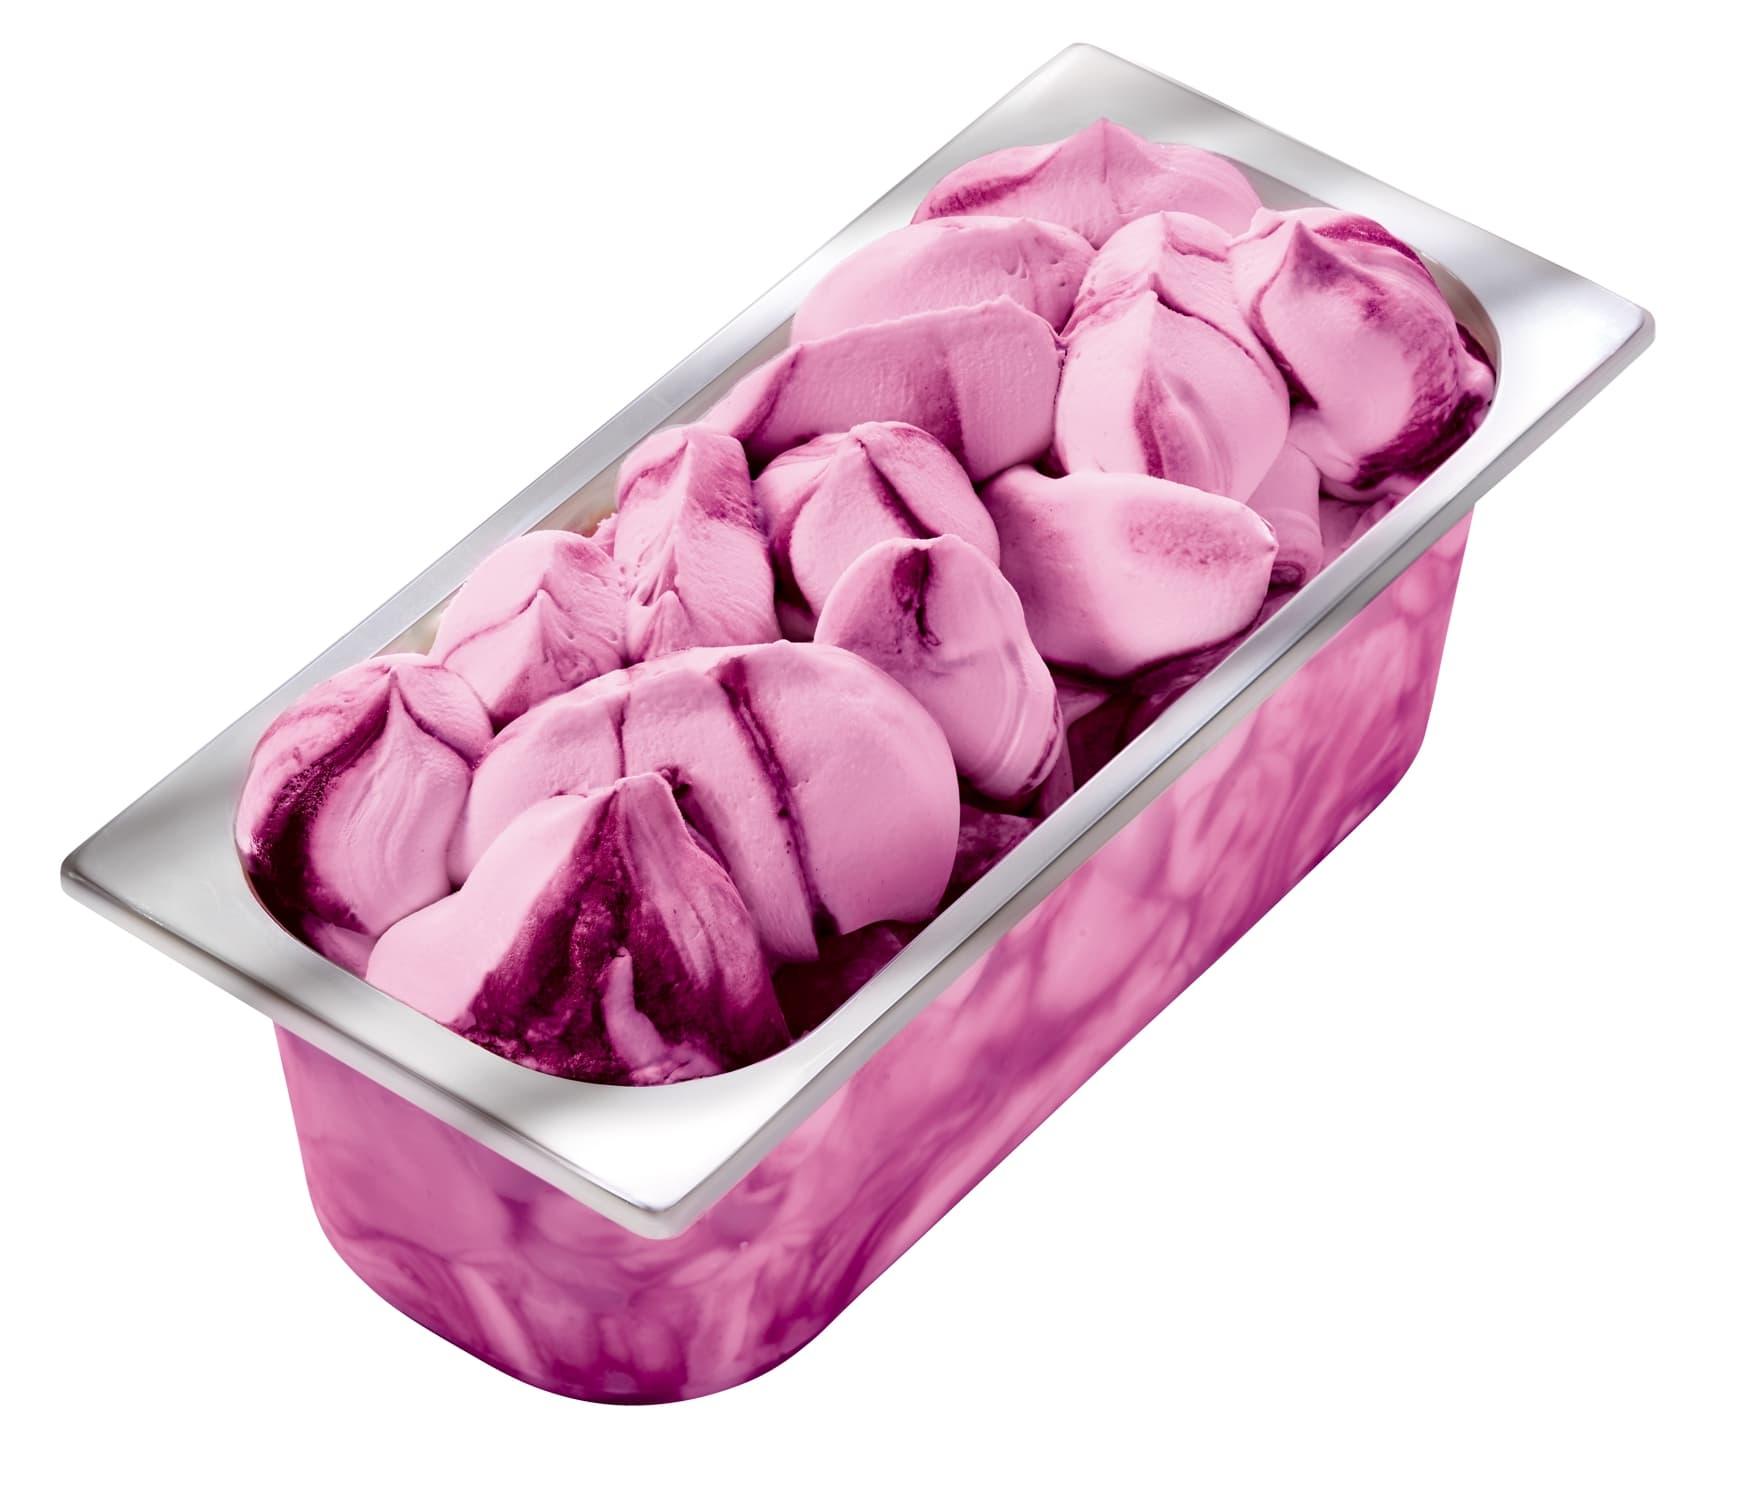 Carte D'Or Замороженный десерт Сладкая вата и маршмеллоу (2960 г) - Необычное сочетание!